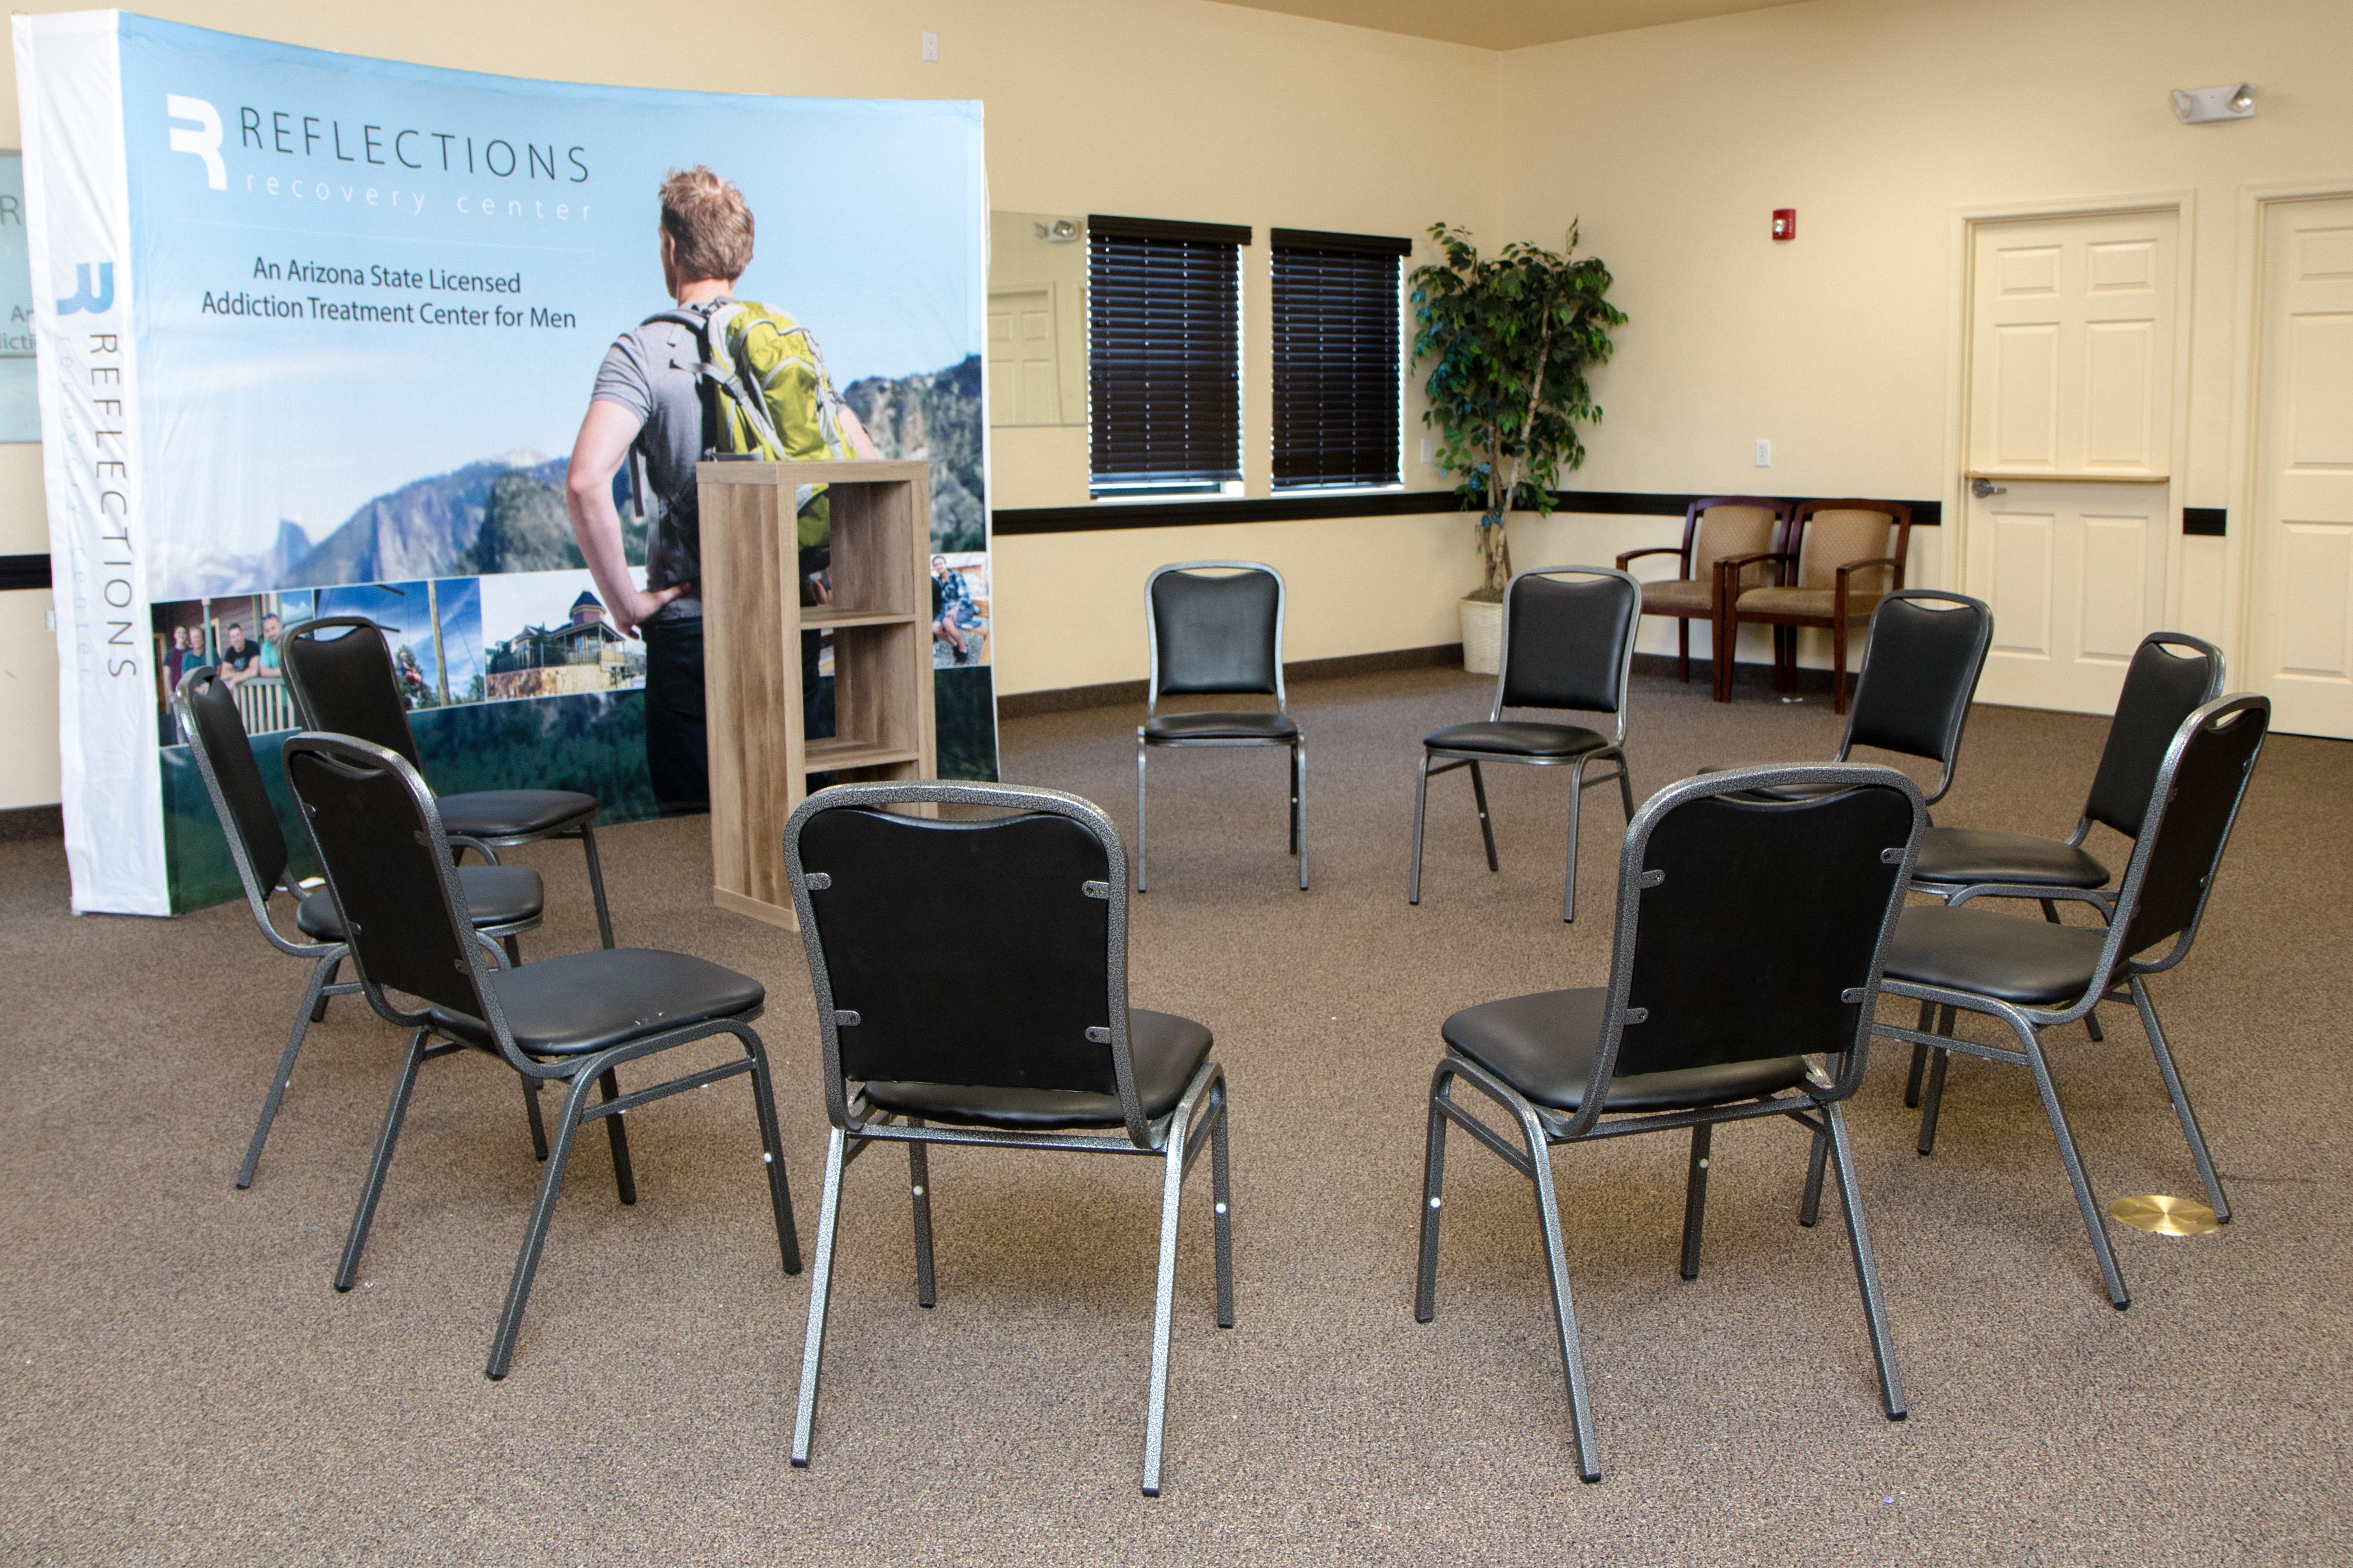 Reflections Recovery Center, Prescott Arizona (AZ ...